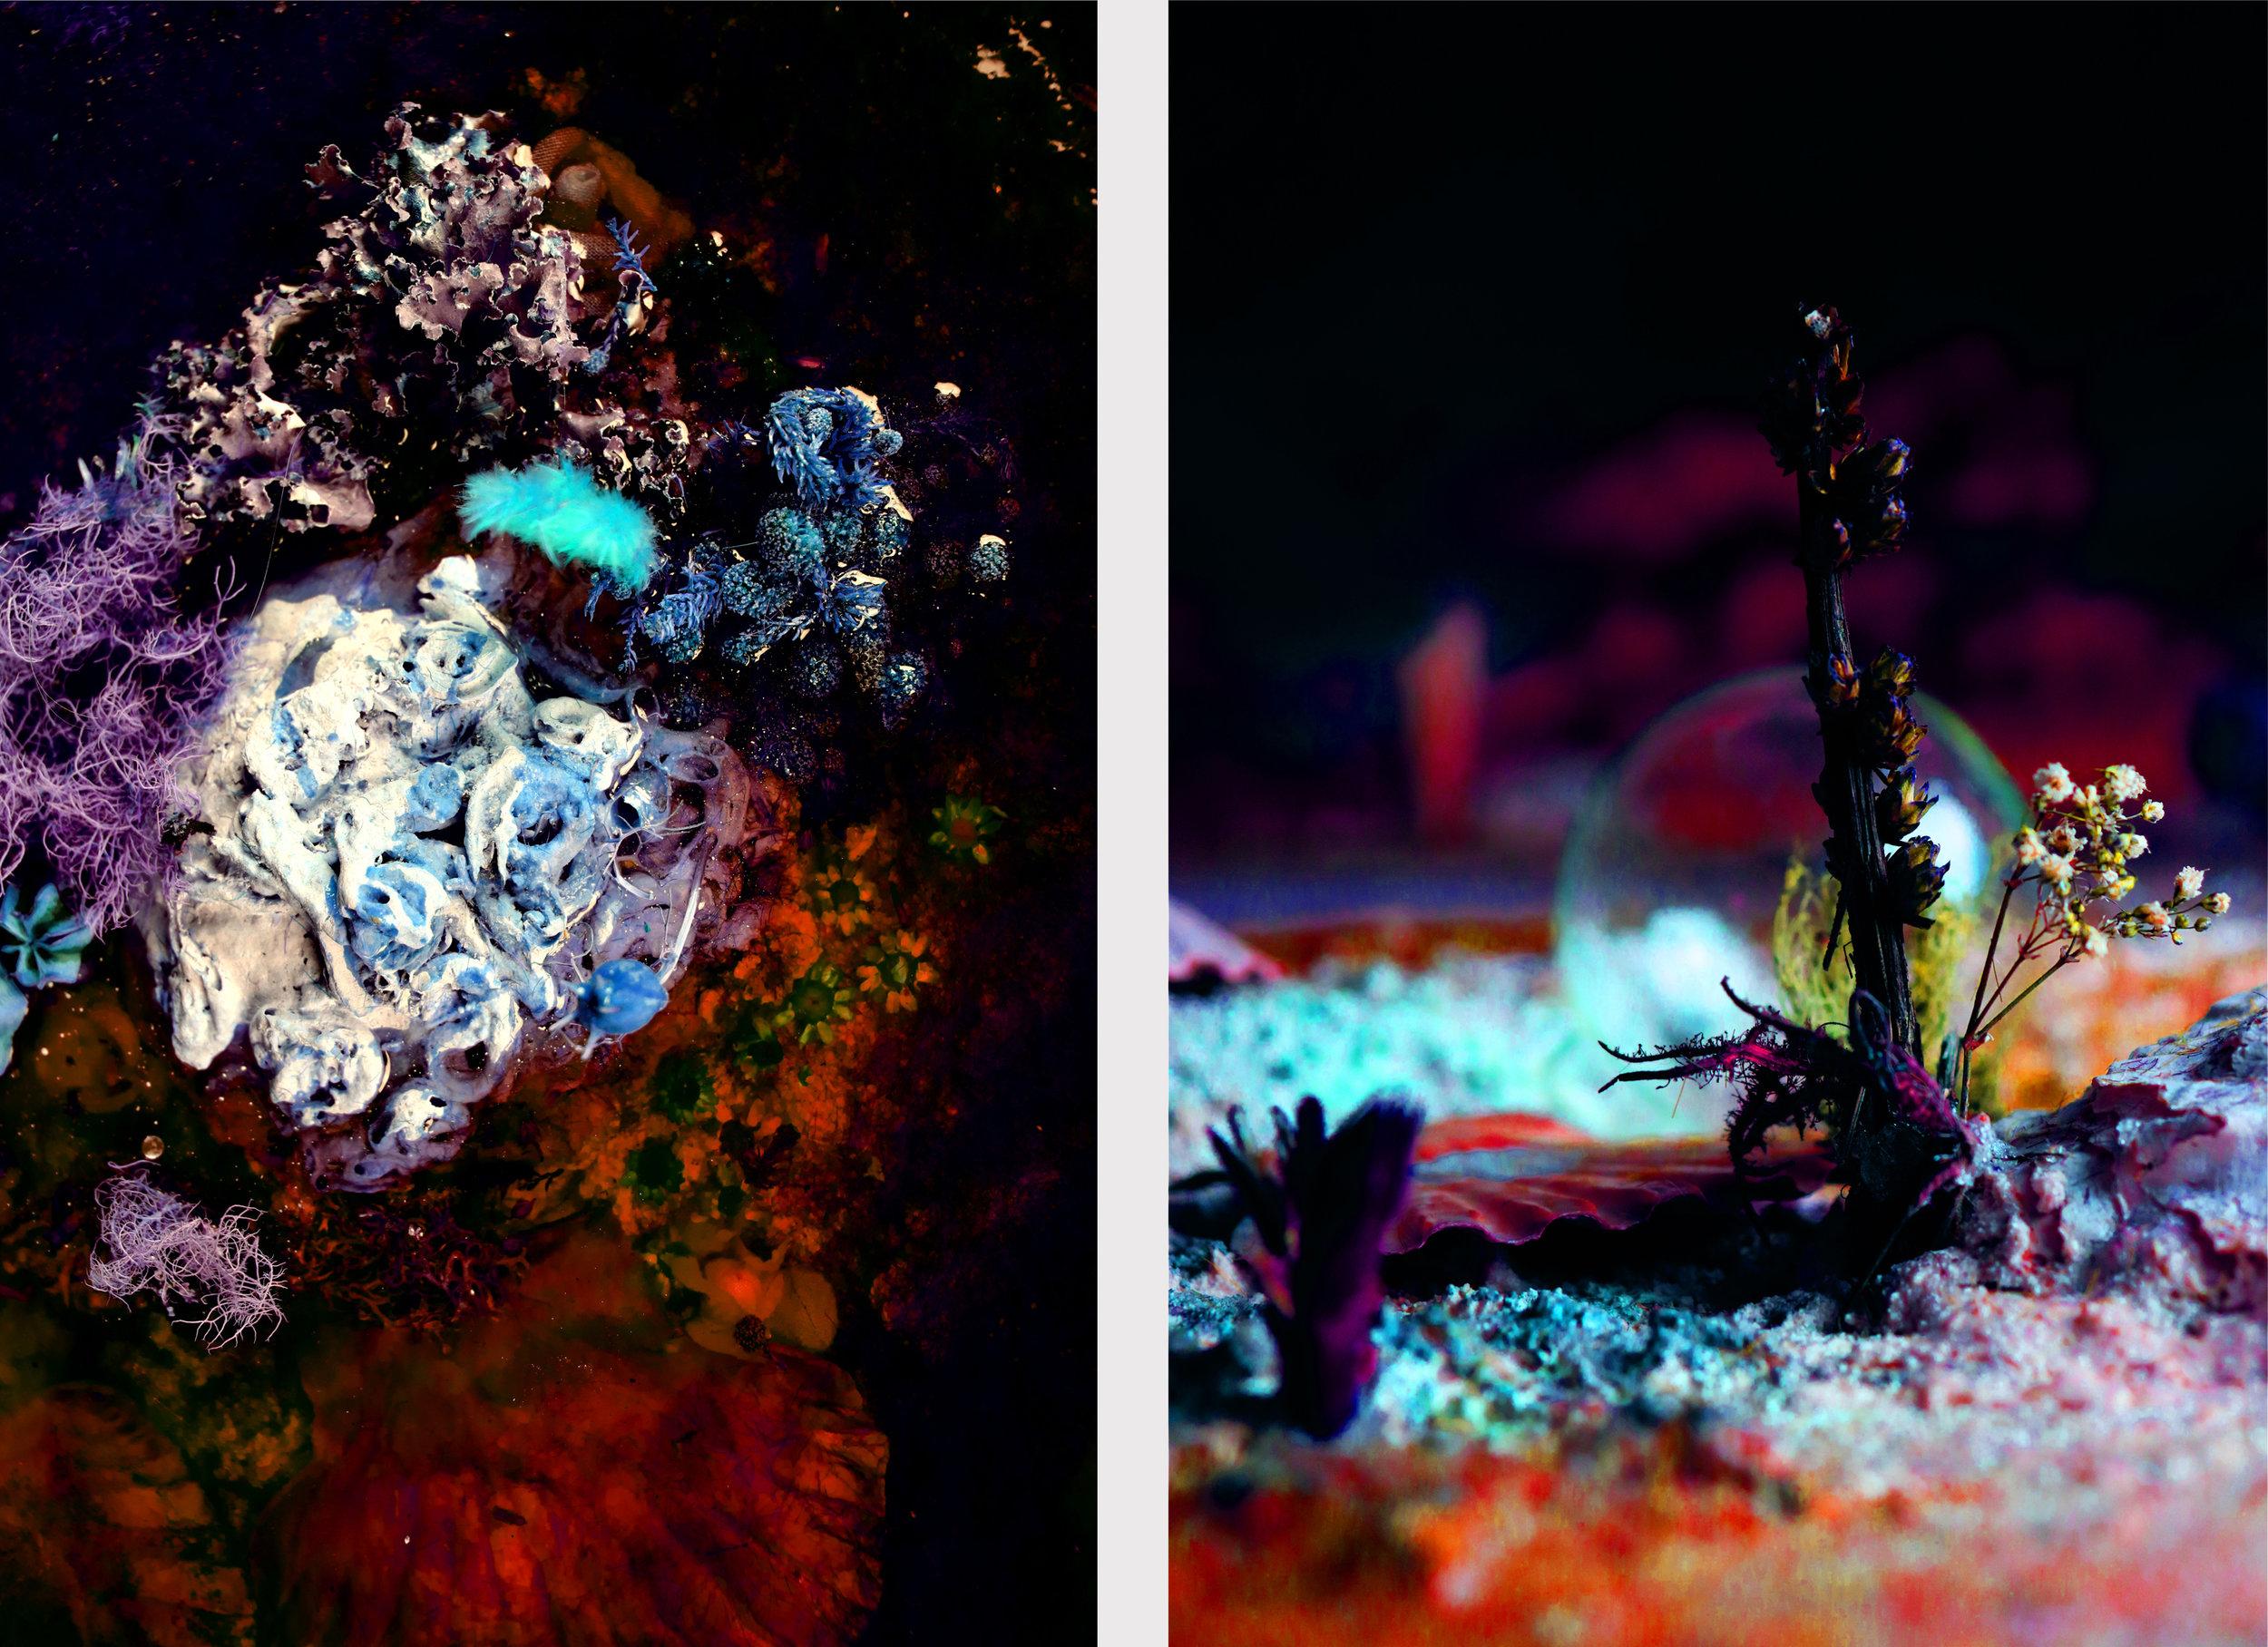 Merlign design diorama miniatuur miniature miniatures maquette maquettebouw modelbouw scale model setdesign setdesigner artdirector artdirectie artdirection Merlijn van de Sande setpainter decorateur production design modelmaker special props propmaker artdepartment set decor art Amsterdam surreal neon interior interior design wallet